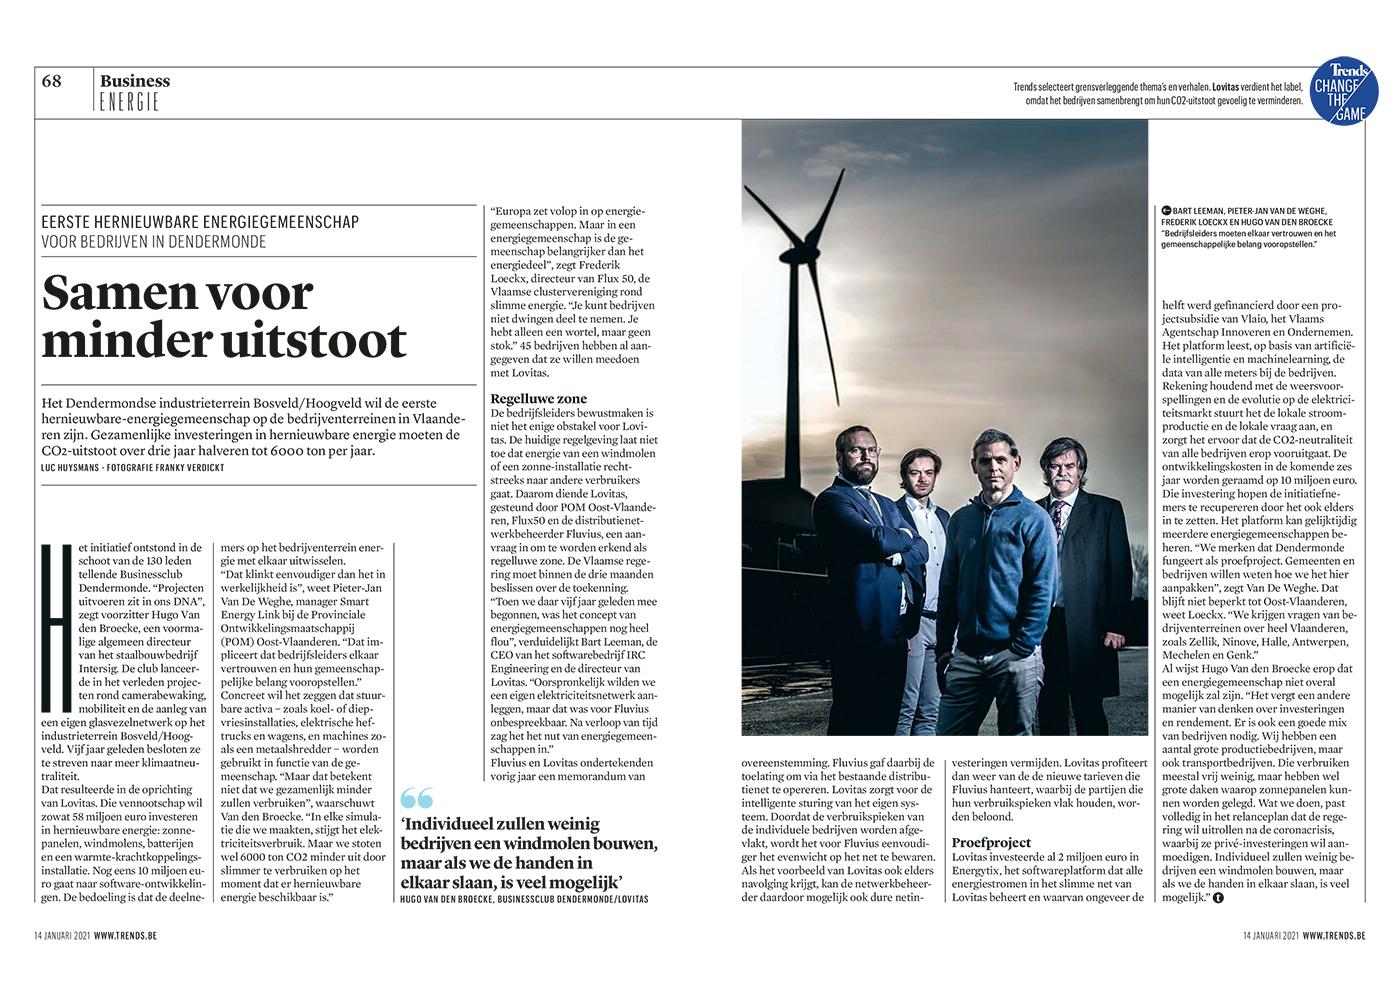 Eerste hernieuwbare energiegemeenschap voor bedrijven in Dendermonde